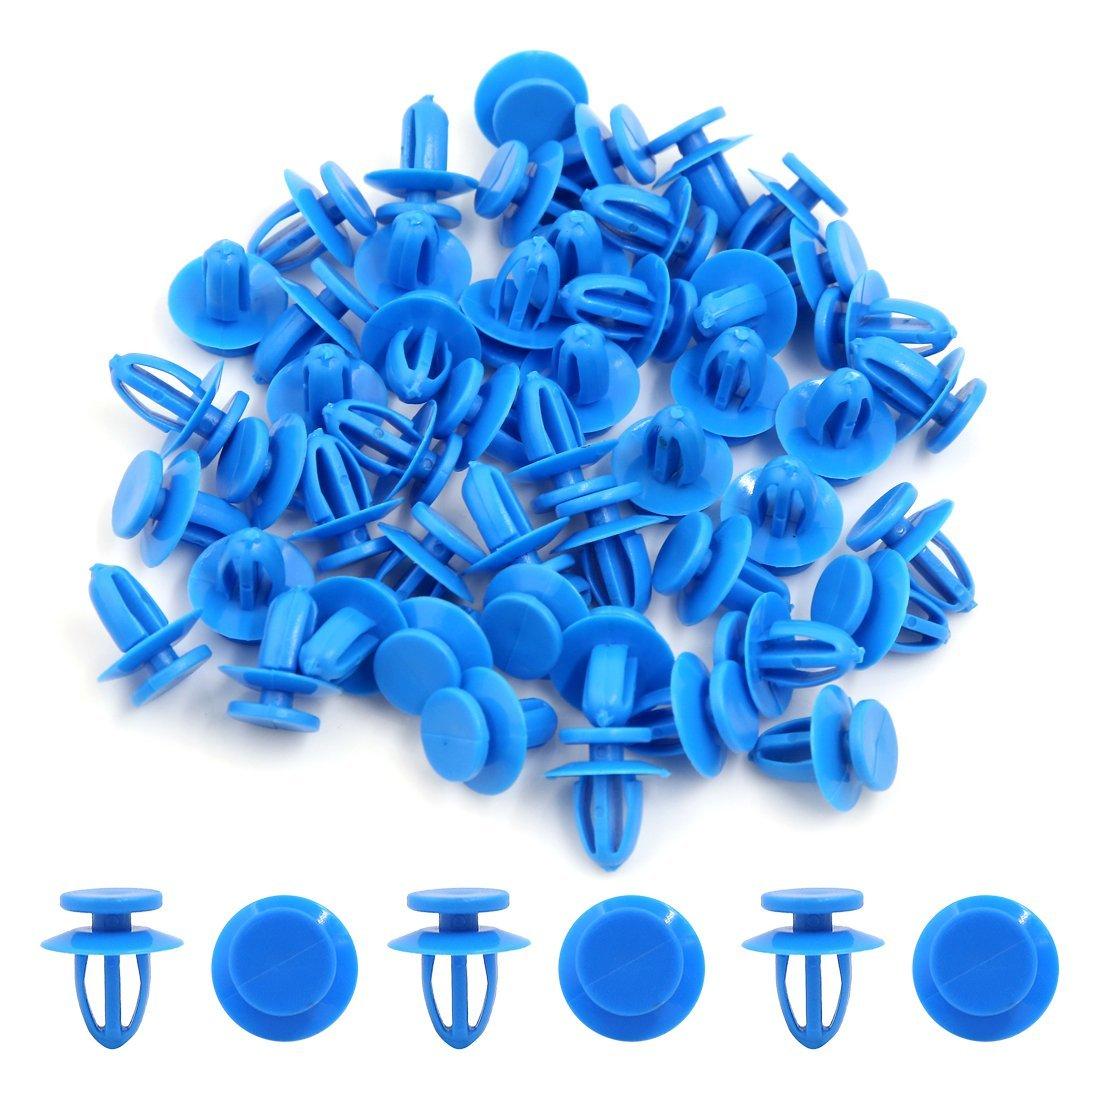 Amazon.com: eDealMax Empuje 50Pcs remaches de plástico Azul pegatina de Fender en la puerta de retención DE 9 mm Clip Para el coche: Automotive